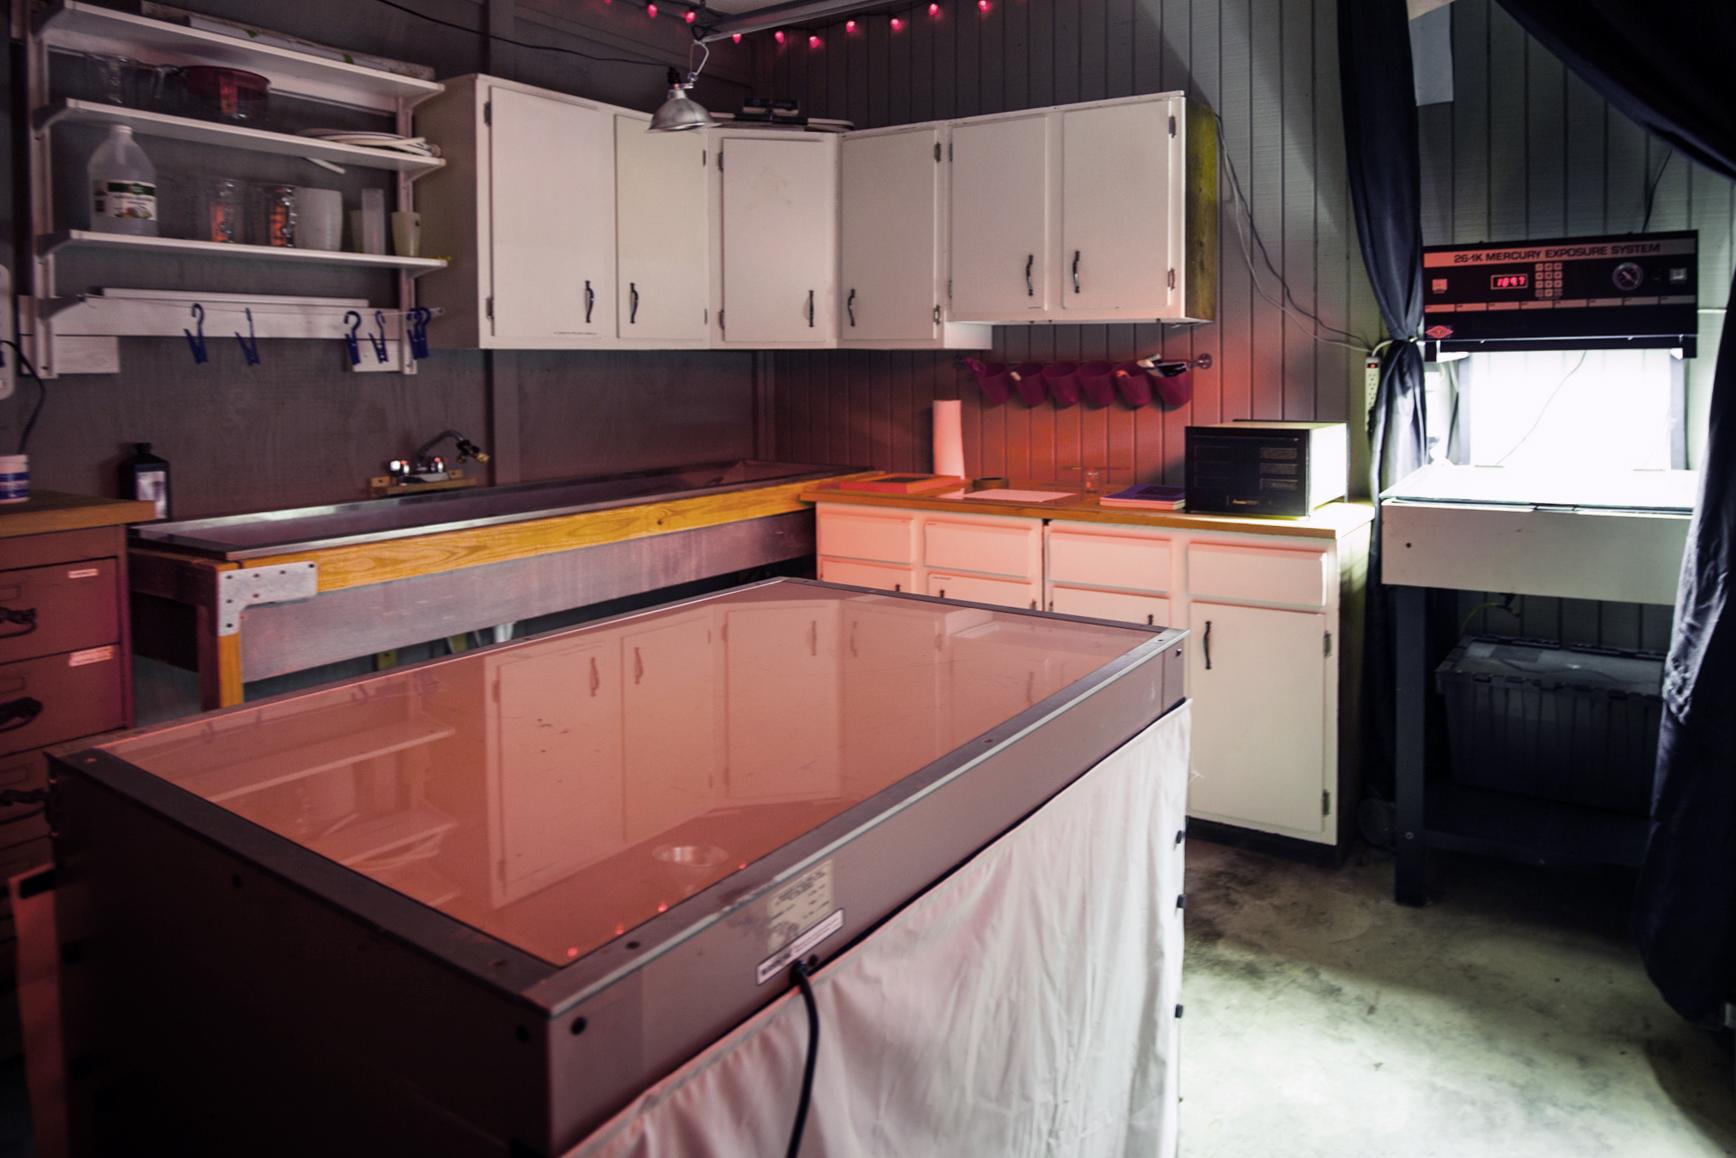 mixed media studio color d sat 16-9.jpg